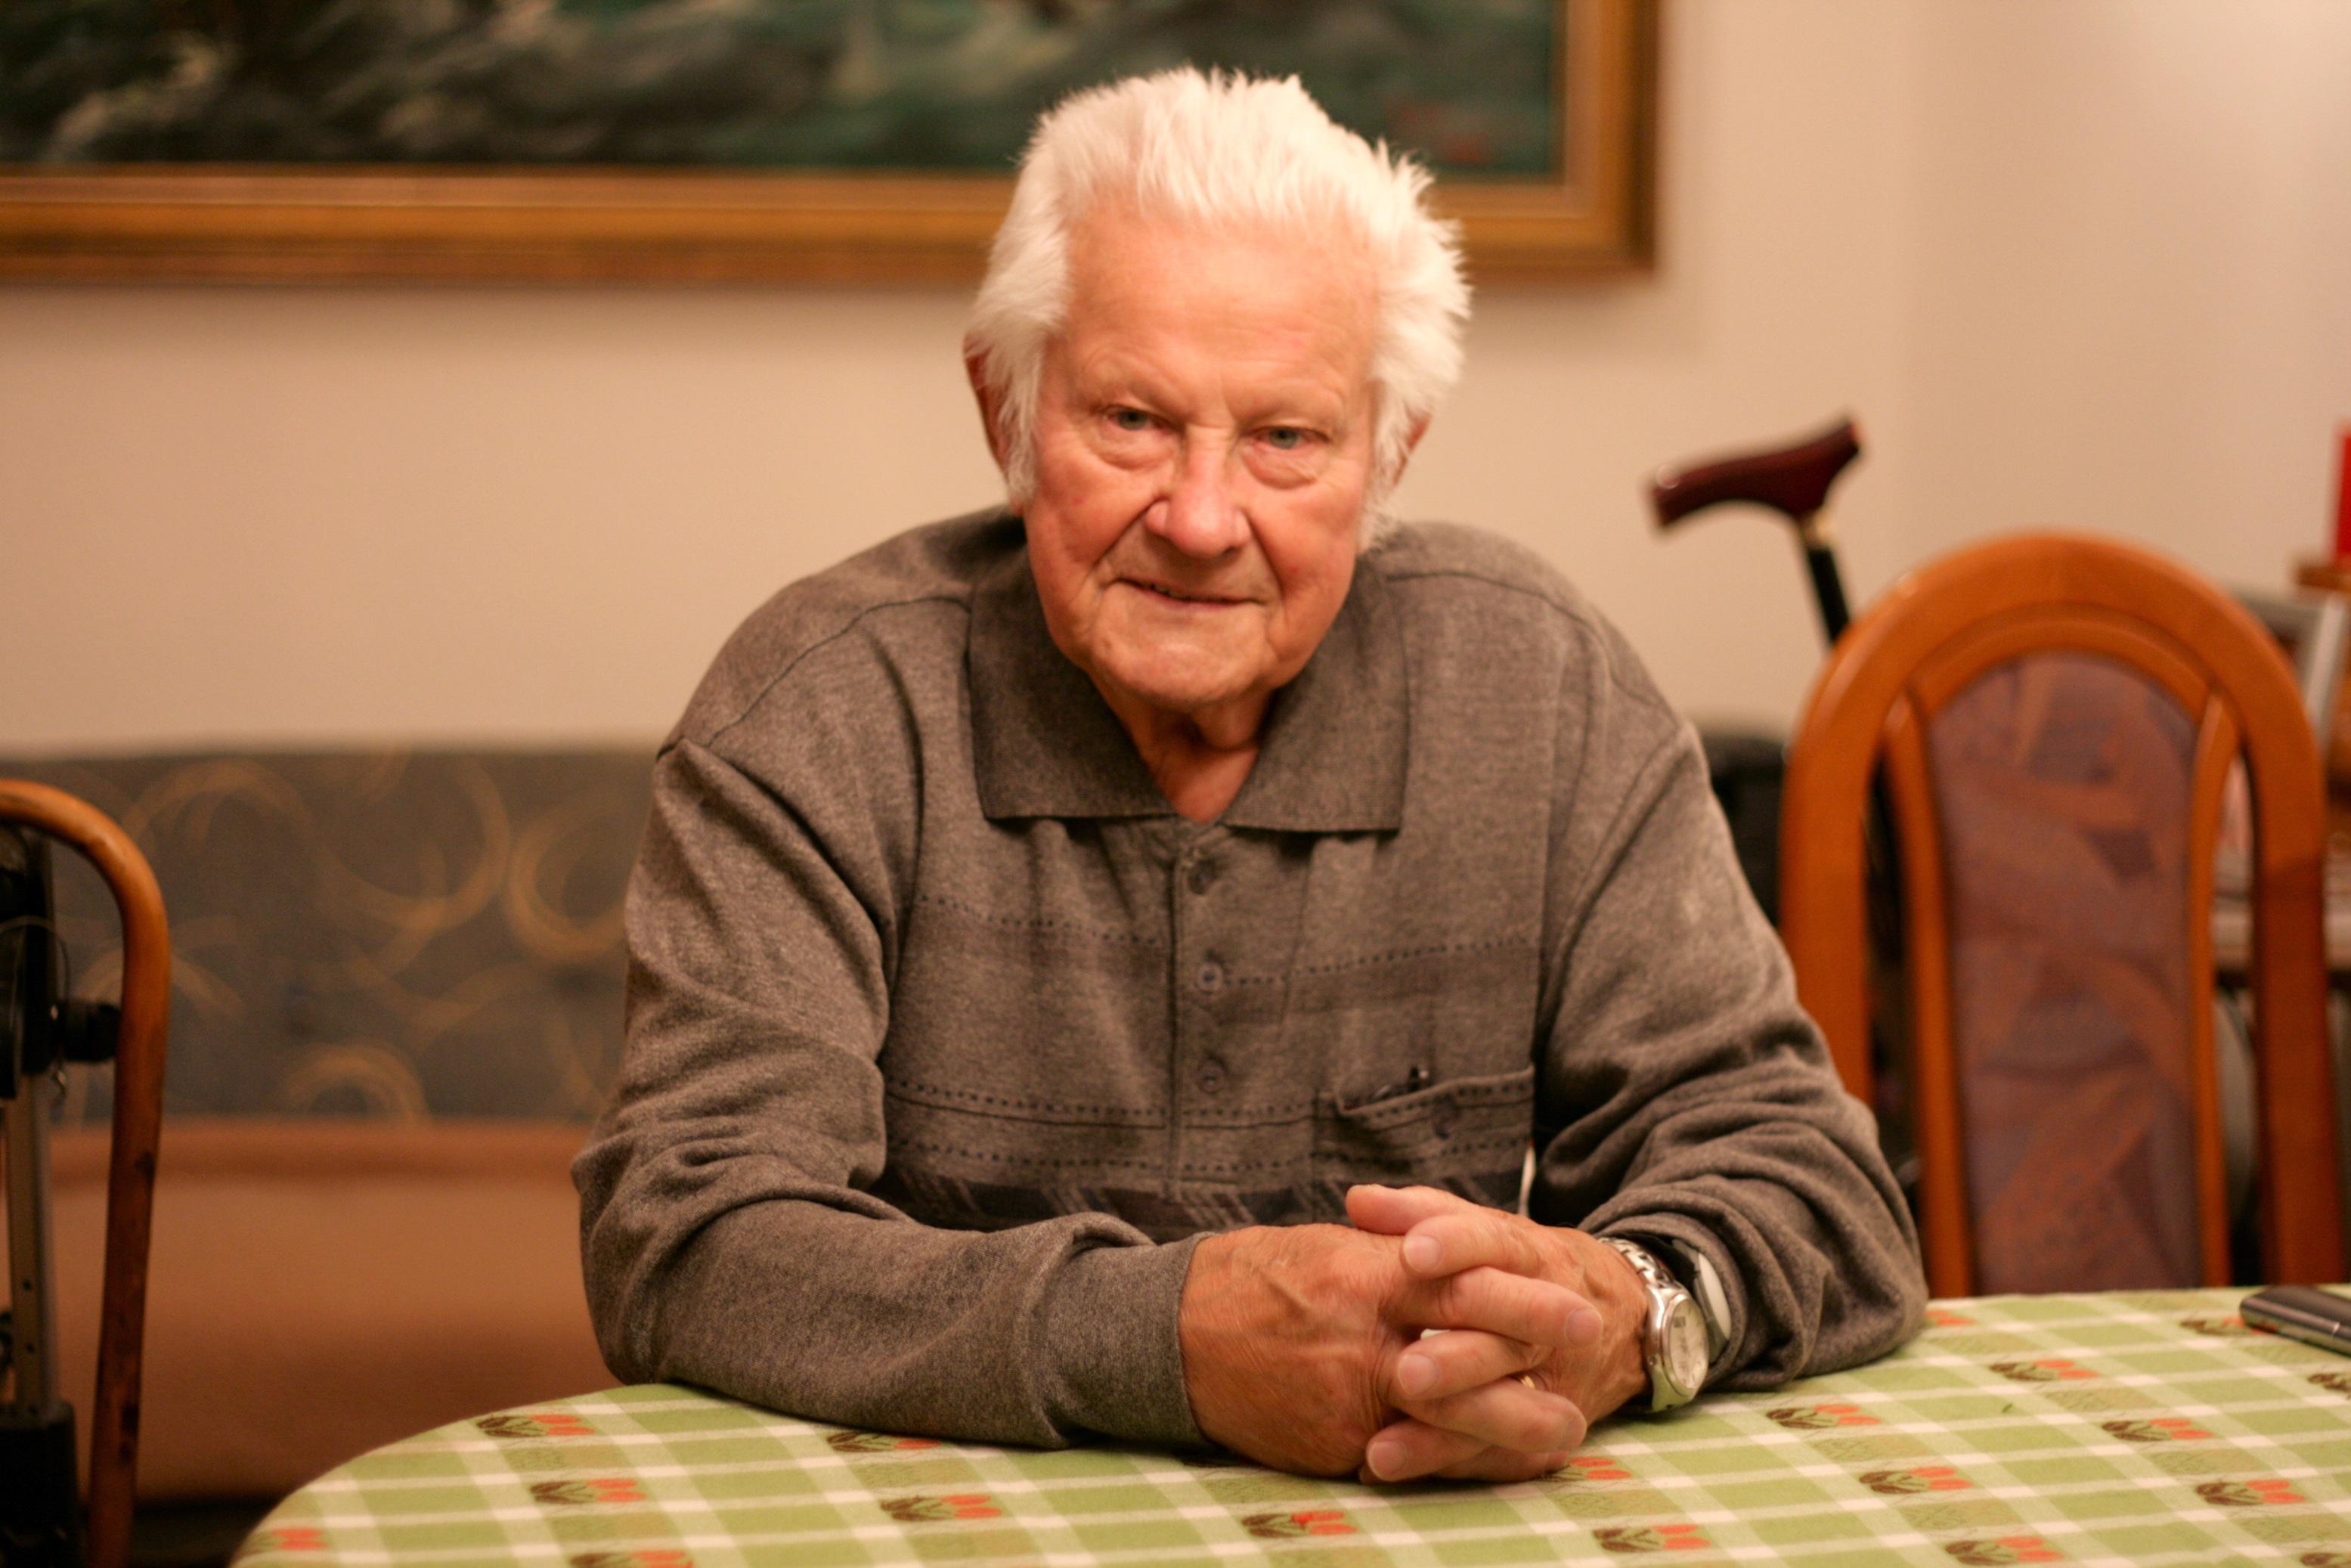 Ein alter Mann wünscht sich ein Leben ohne Schmerzen